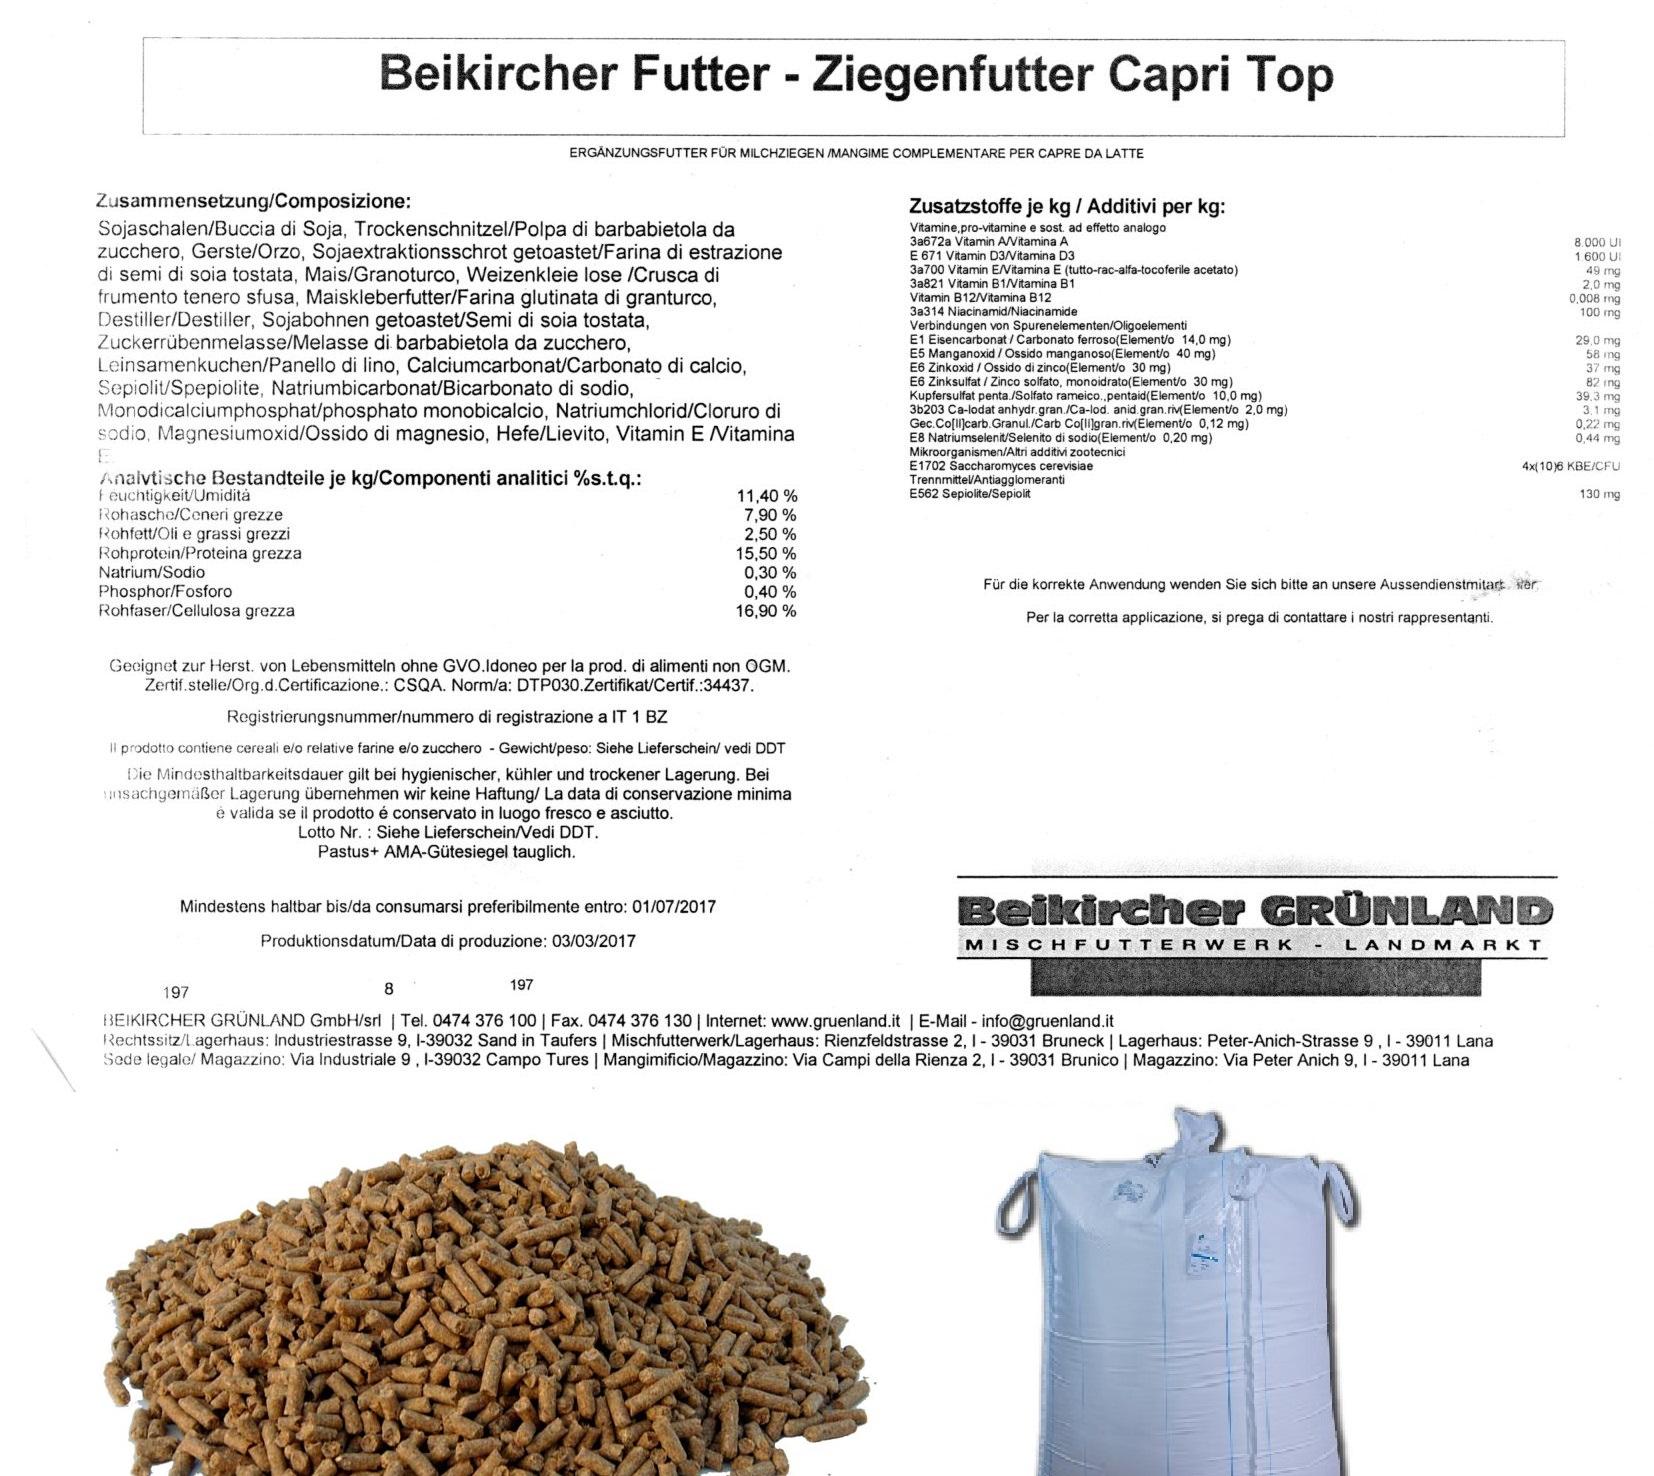 BEIKIRCHER - Mangime Capri Top Grana - Ziegenfutter - Mangime per capre da latte